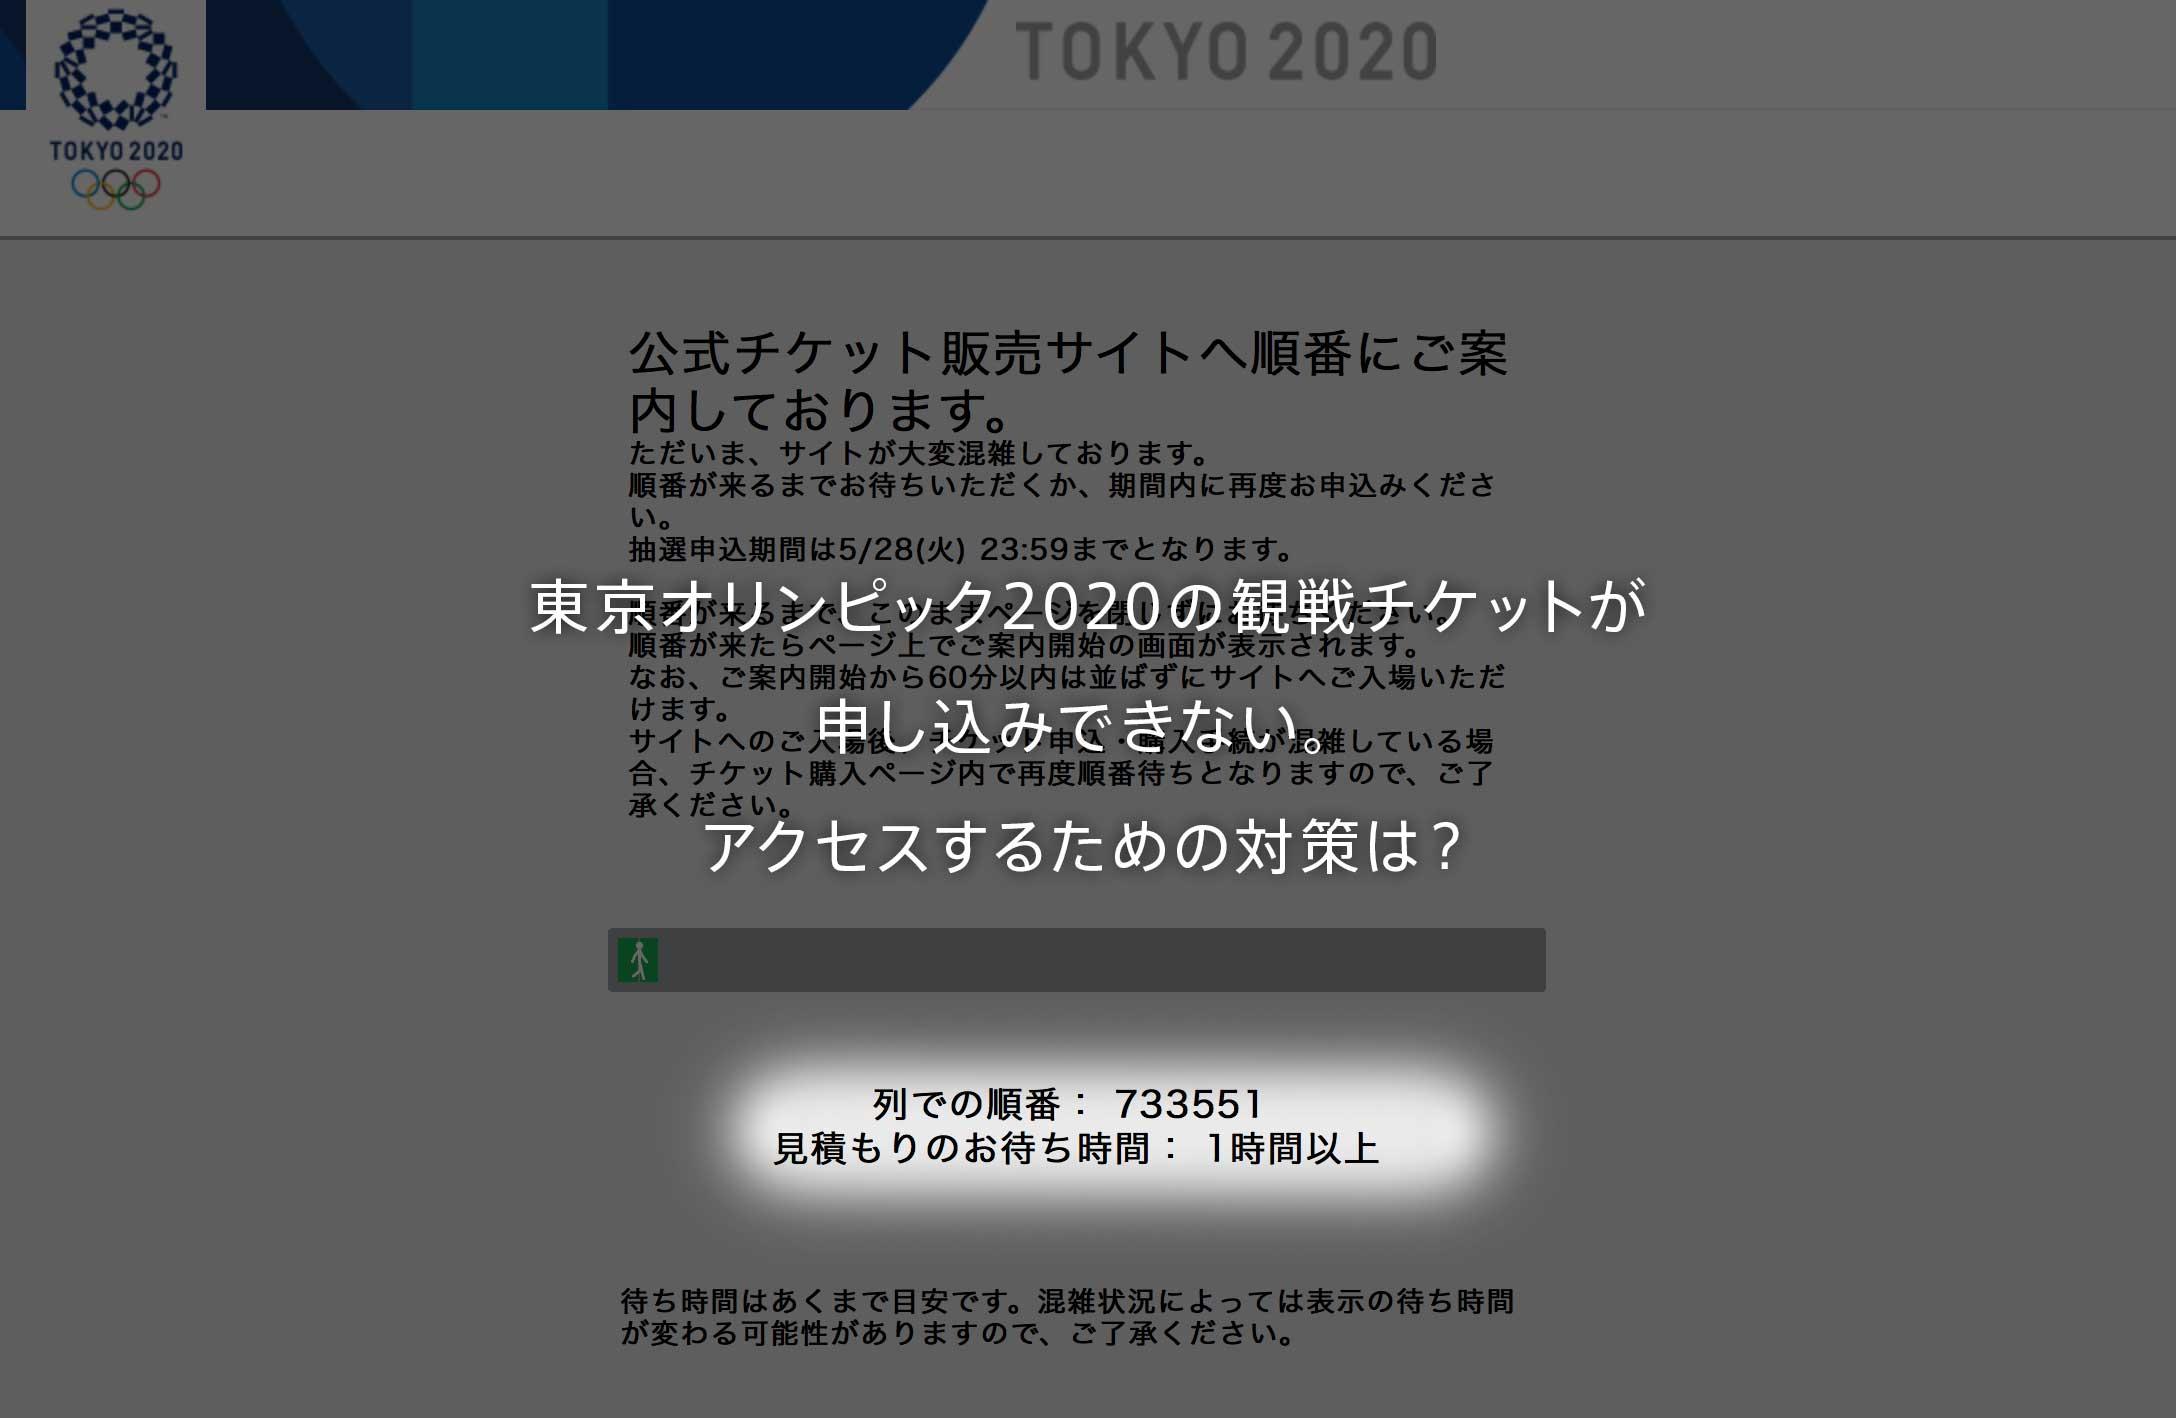 東京オリンピック2020のサッカーとサーフィンの観戦チケットが全く買えない。対策は?  tokyo2020_main